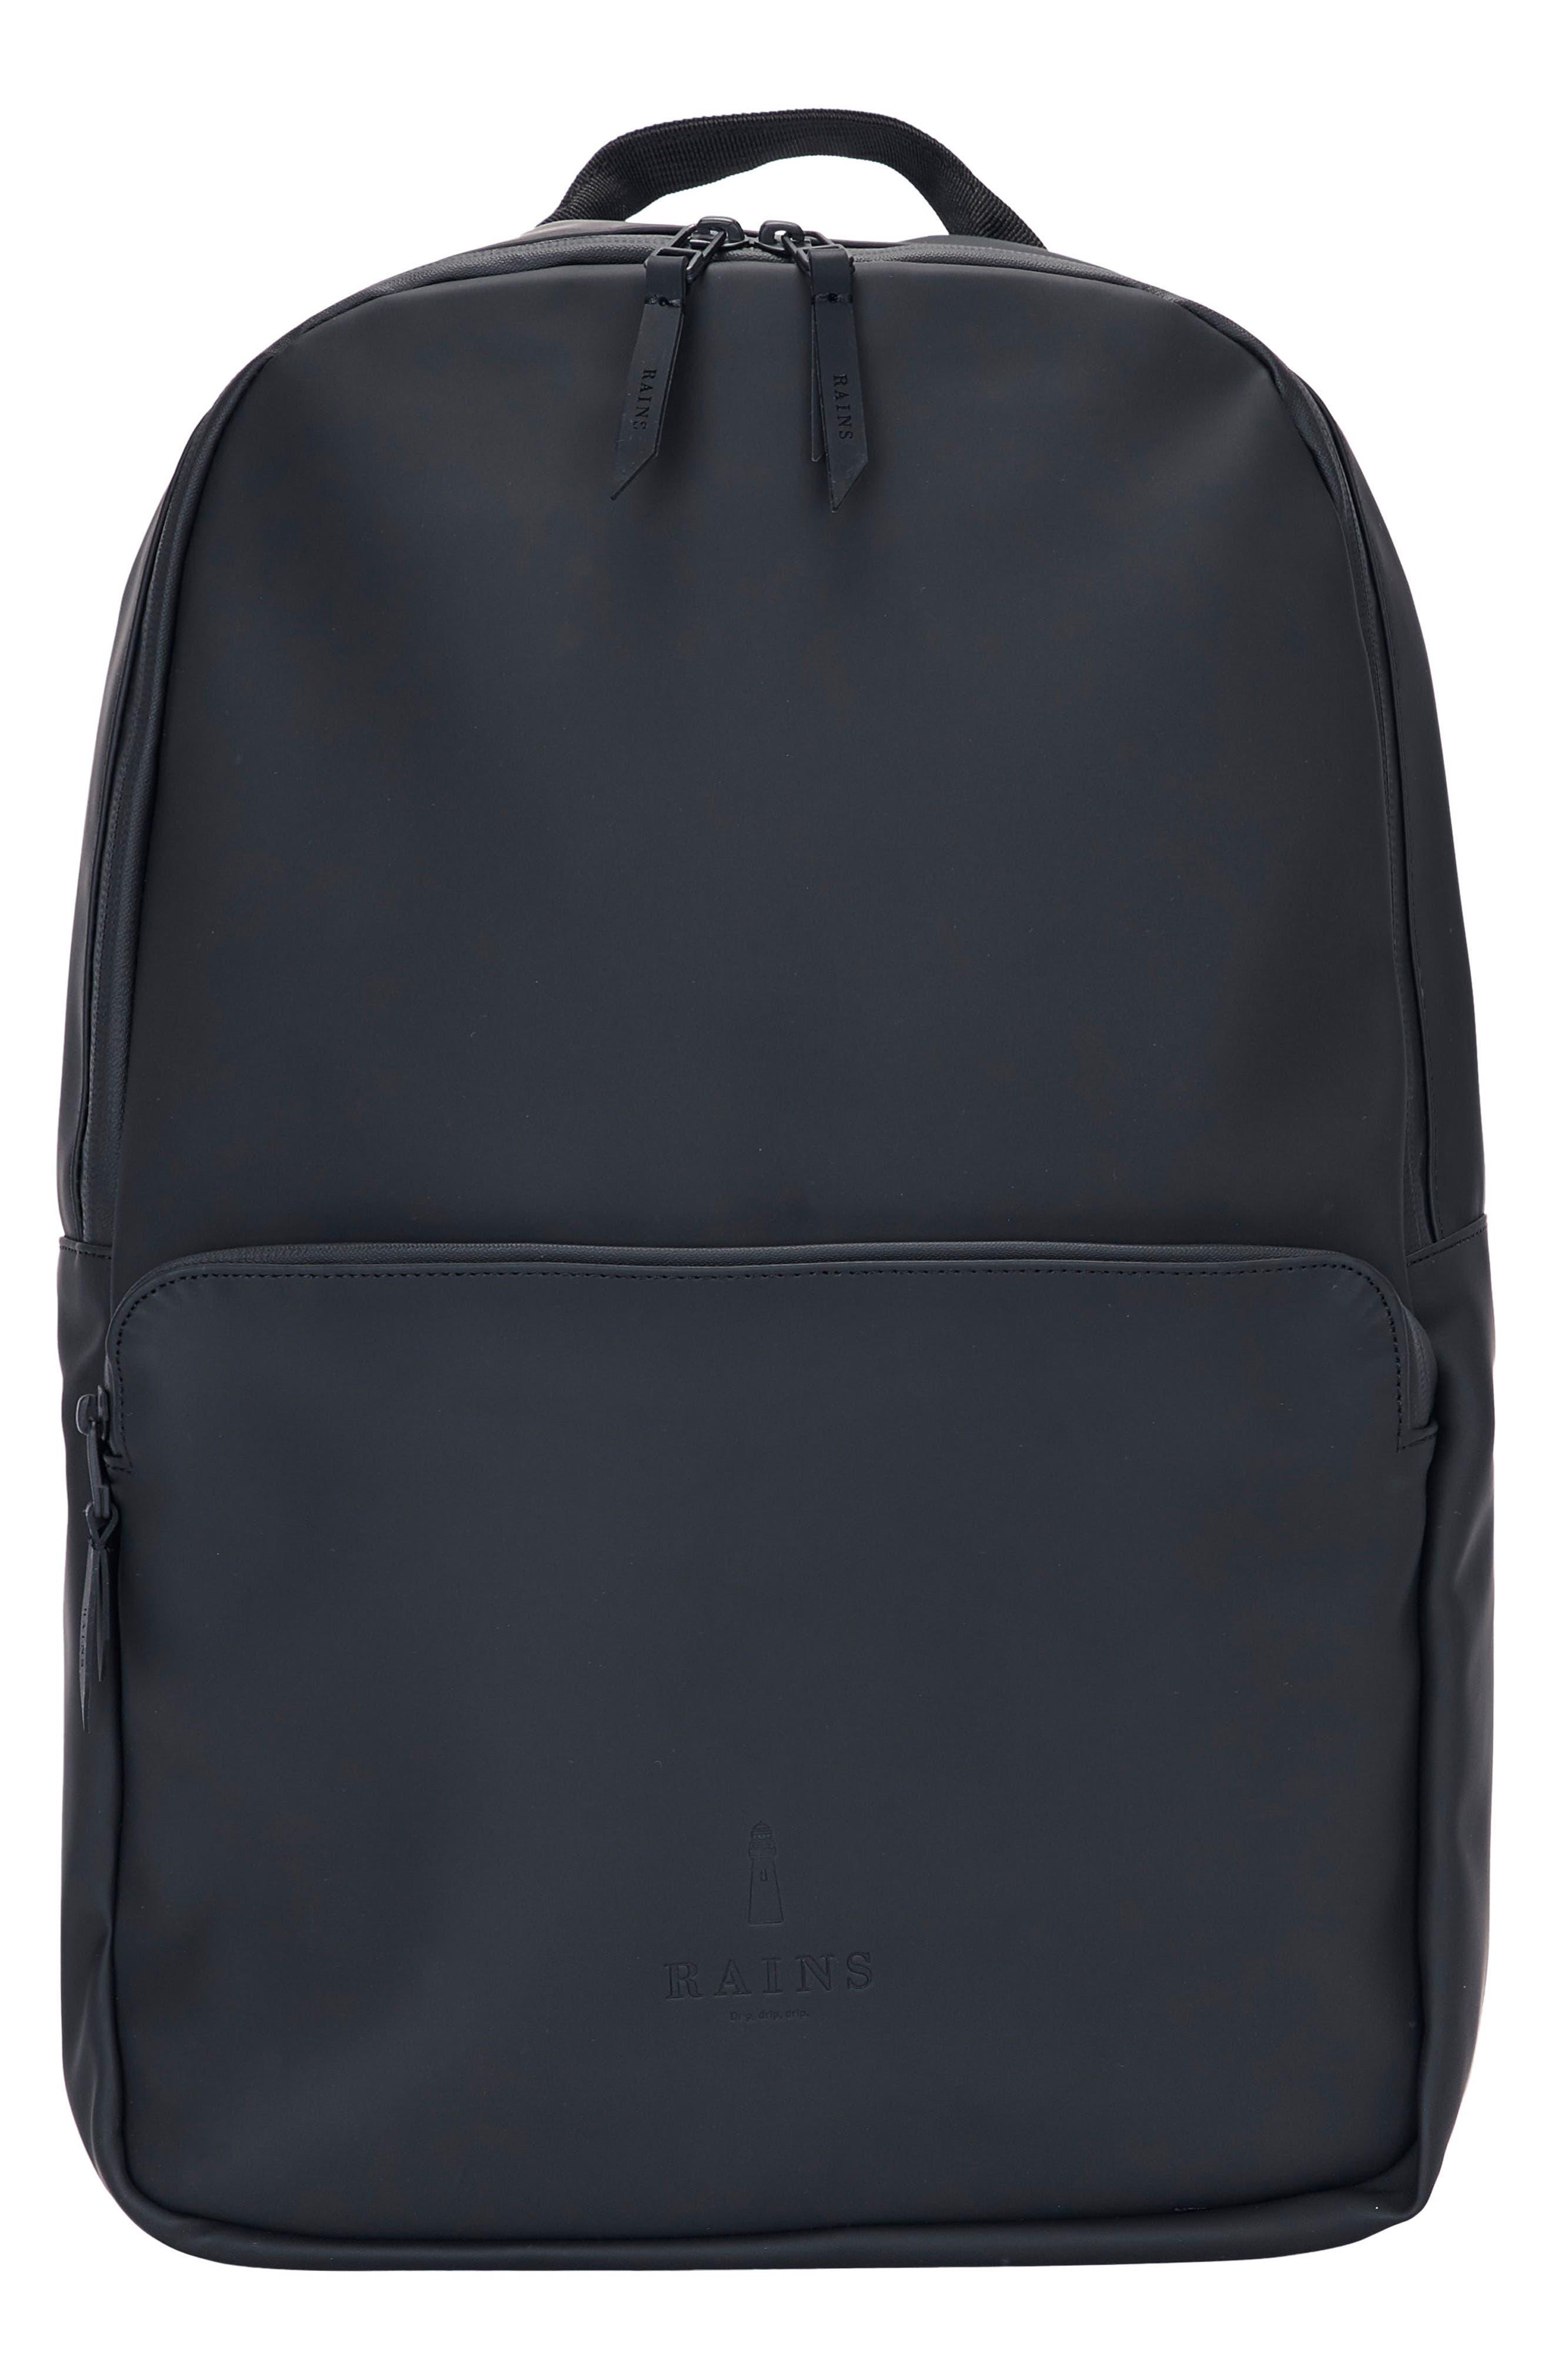 New Latest Rains Black Field Bag Backpack for Men Online Sale Online Sale